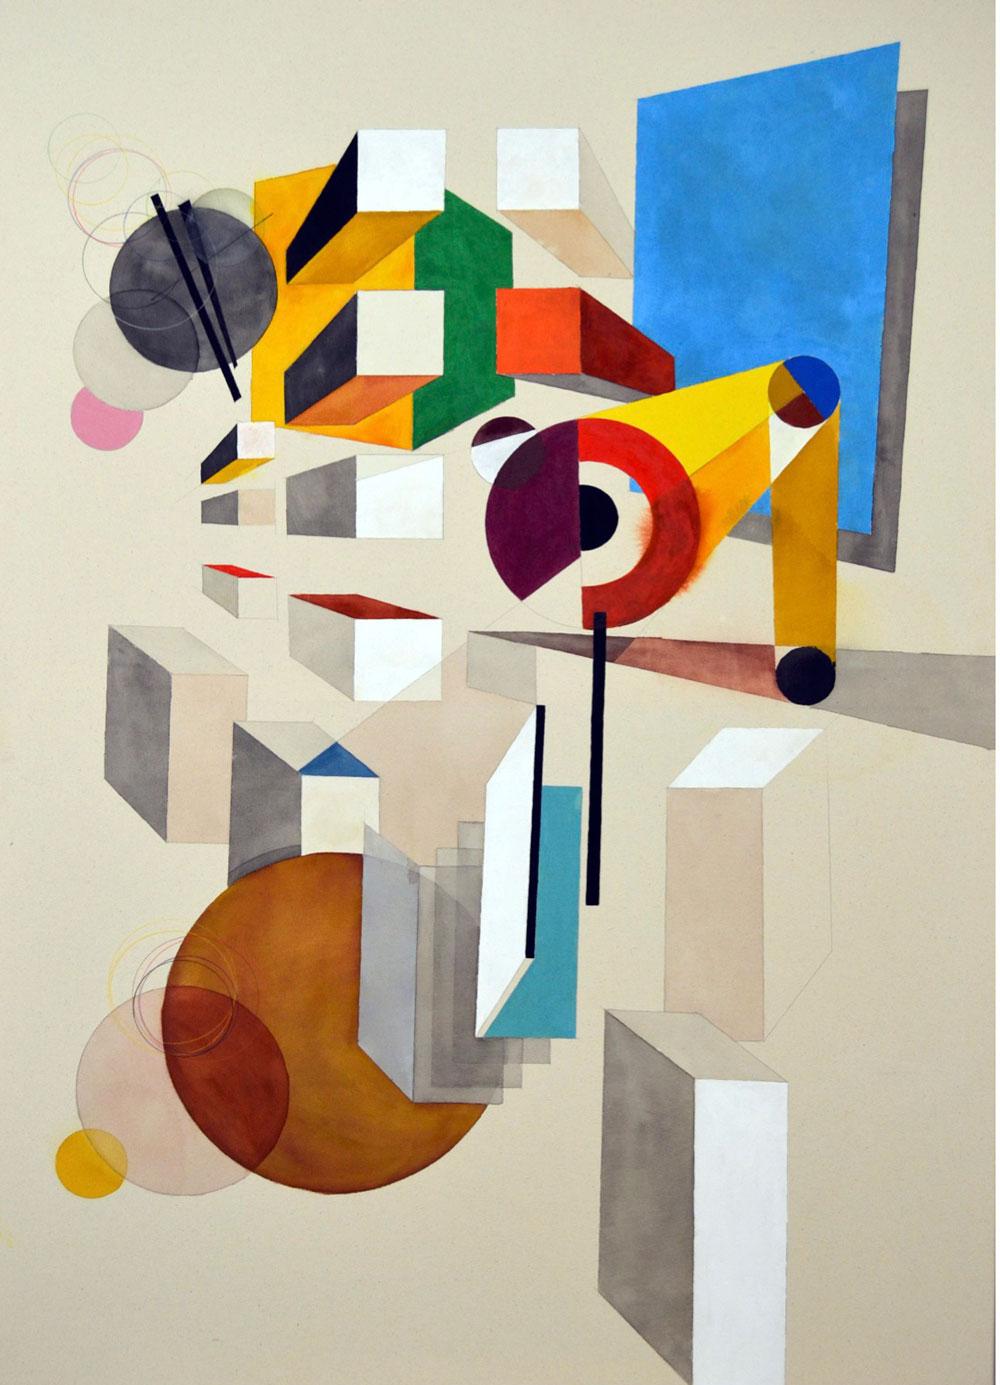 Endless Visions, la prima personale italiana di Tuomas Korkalo